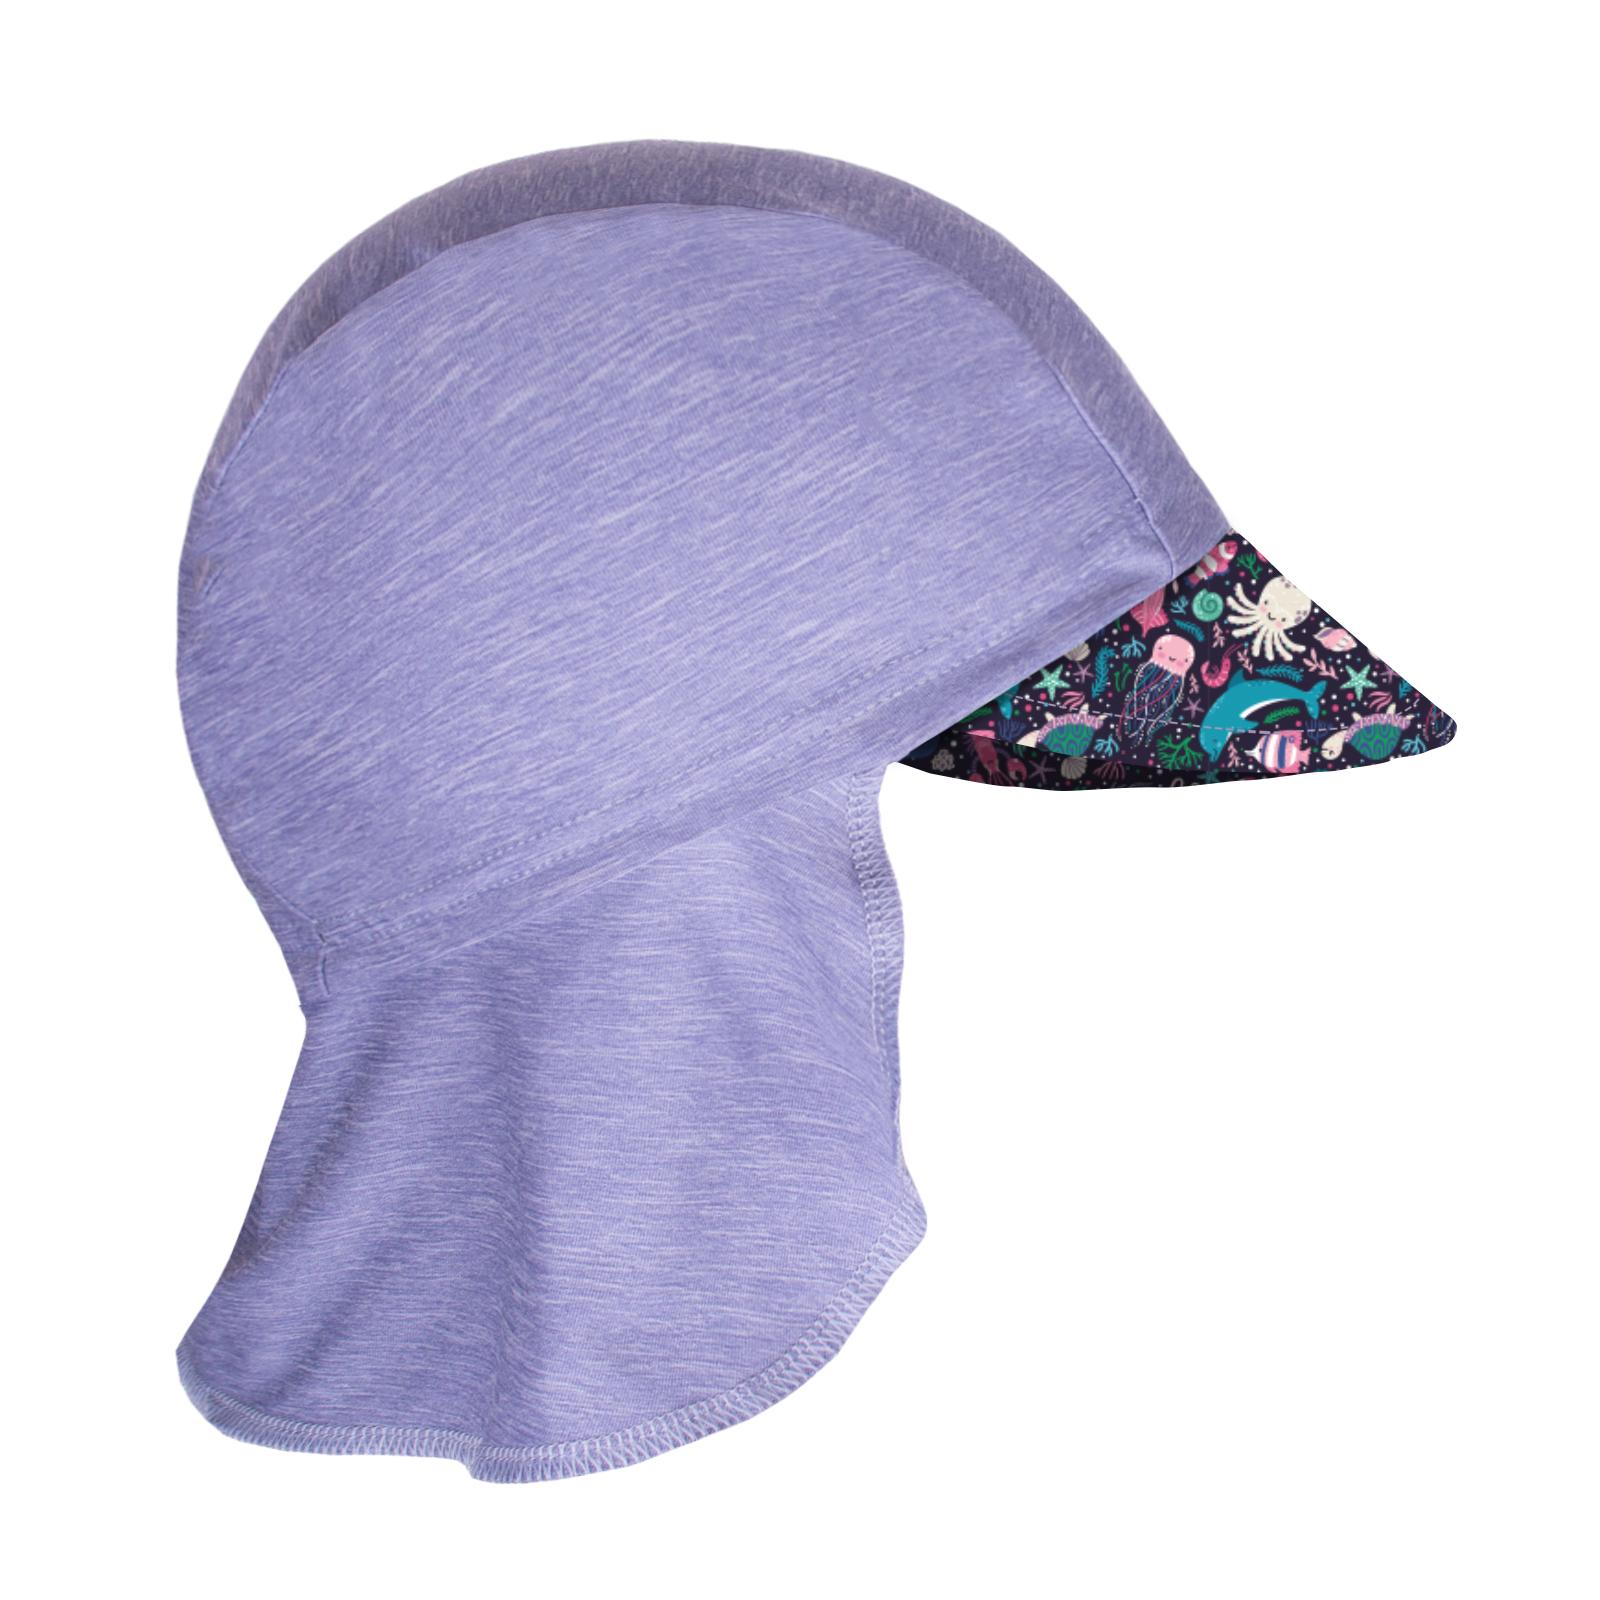 Unuo, Dětská funkční čepice s kšiltem a plachetkou UV 50+, Žíhaná Holubičí Šedá, Mořský svět Velikost: XS (42 - 44 cm)